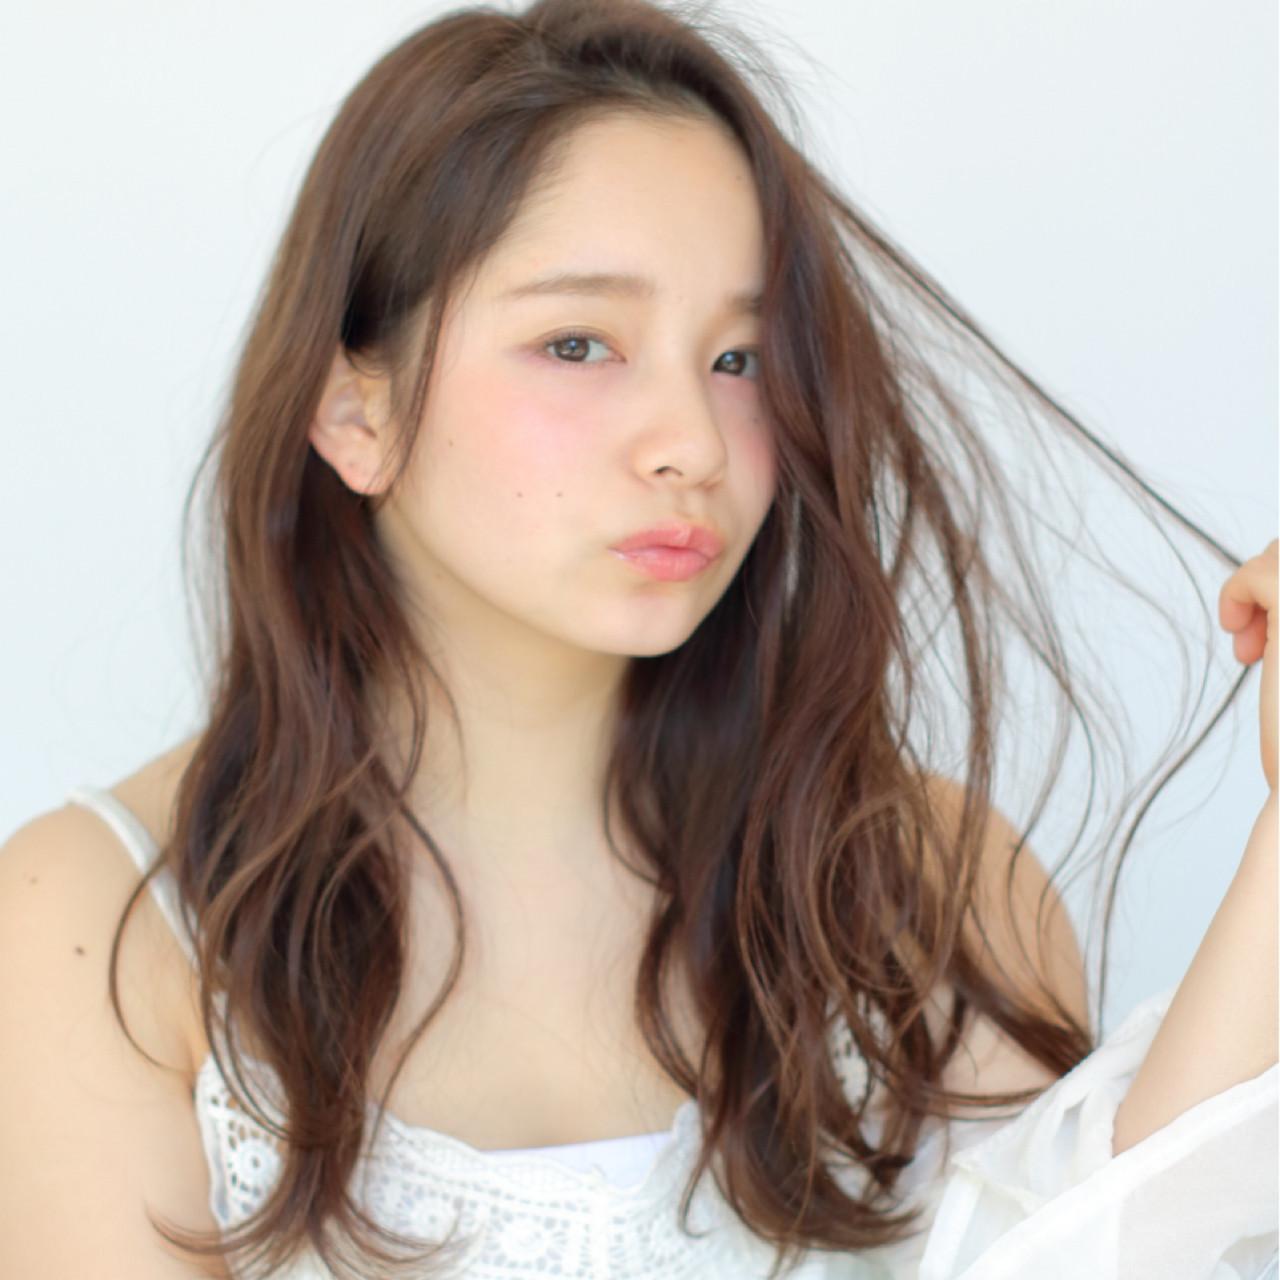 透明感 ロング ヌーディーベージュ 波ウェーブ ヘアスタイルや髪型の写真・画像